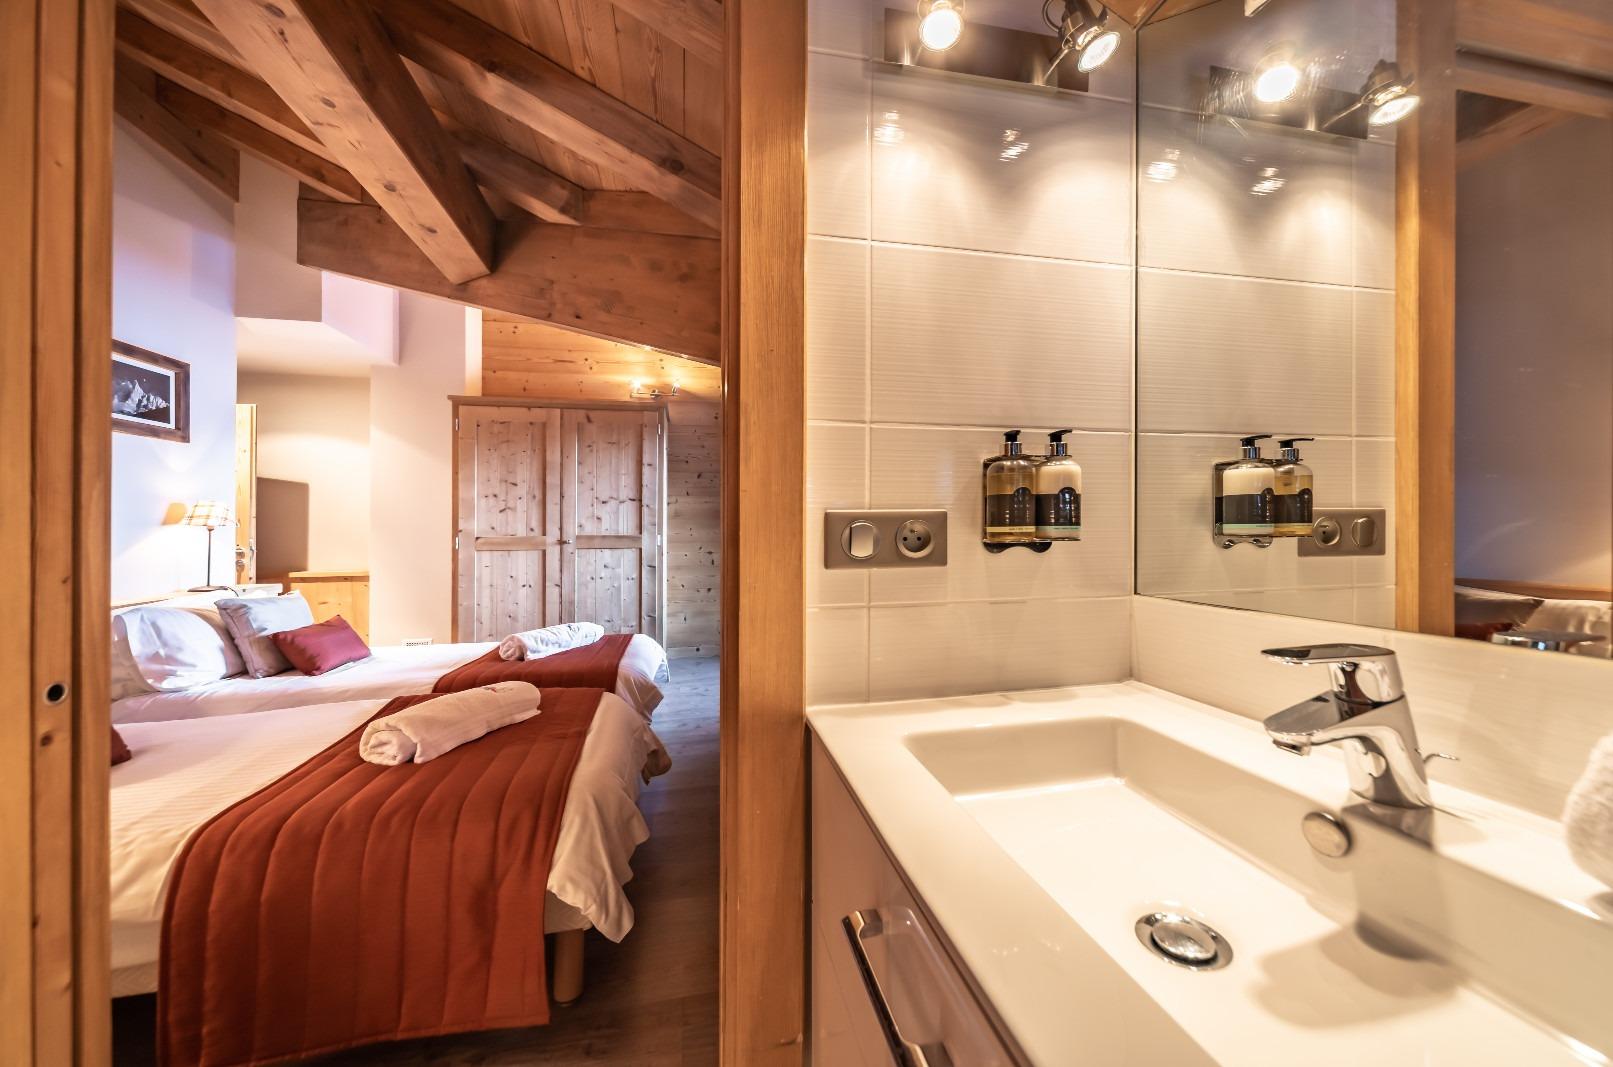 Le Mur Suisse Ensuite Shower Room